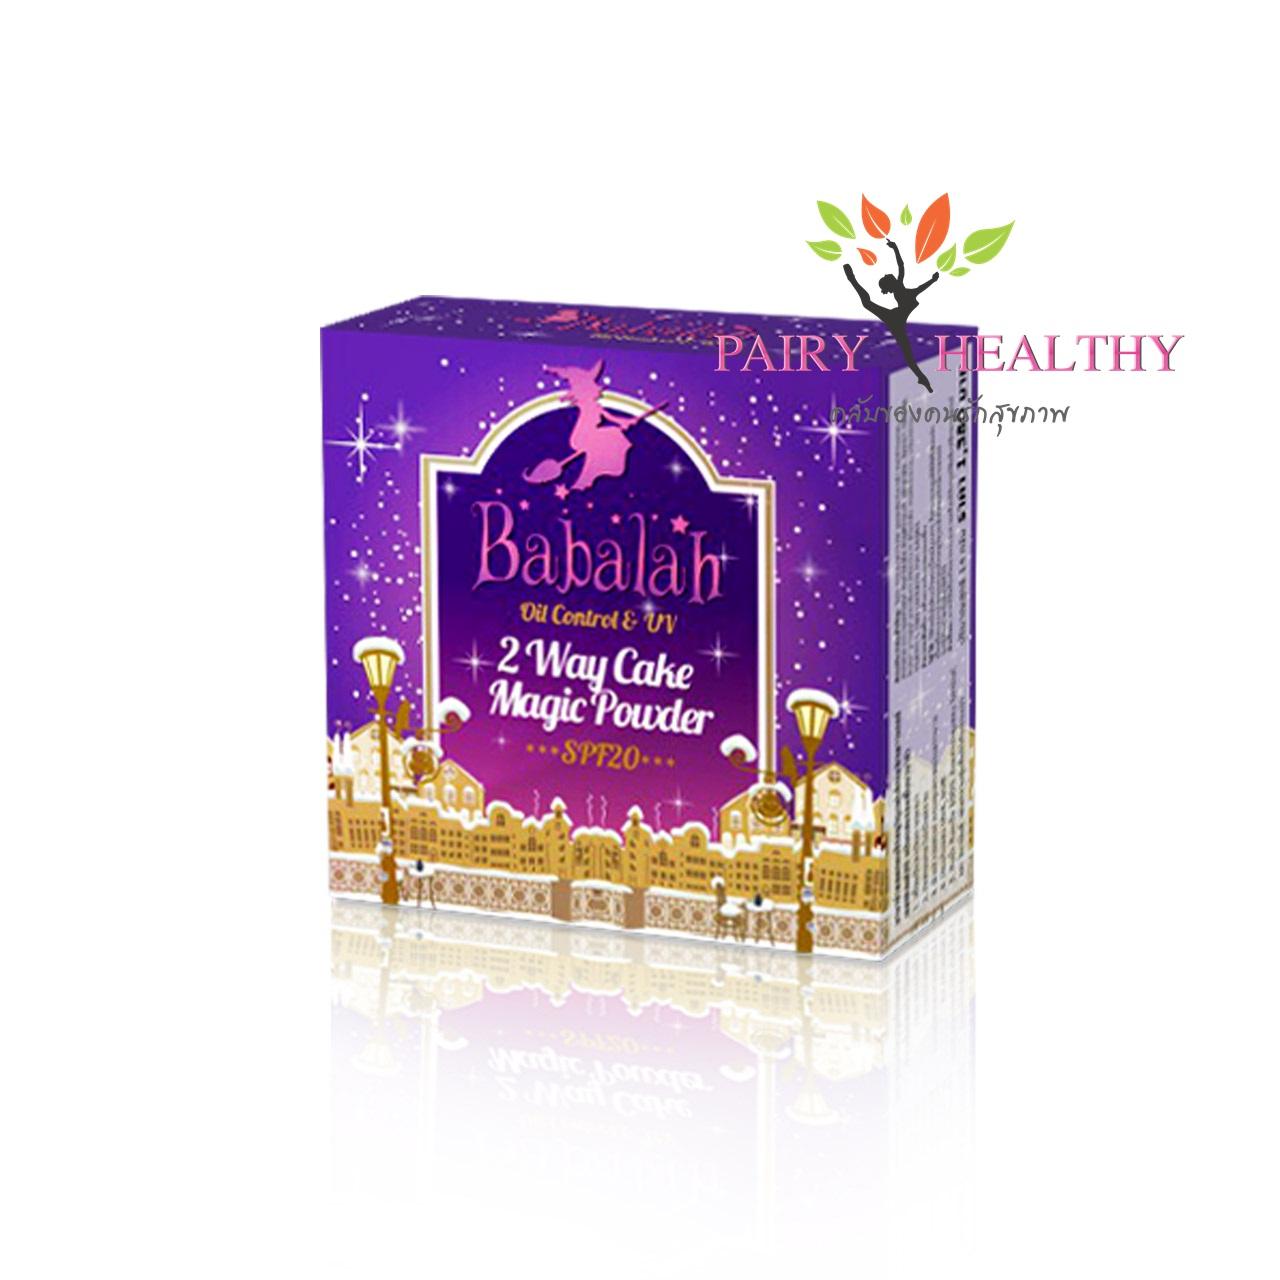 แป้ง Babalah สูตร Oil Control & UV 2Way Cake Magic Powder SPF20 [#02ผิวสองสี] ปริมาณสุทธิ 14 g. ราคา590 บาท ส่งฟรี